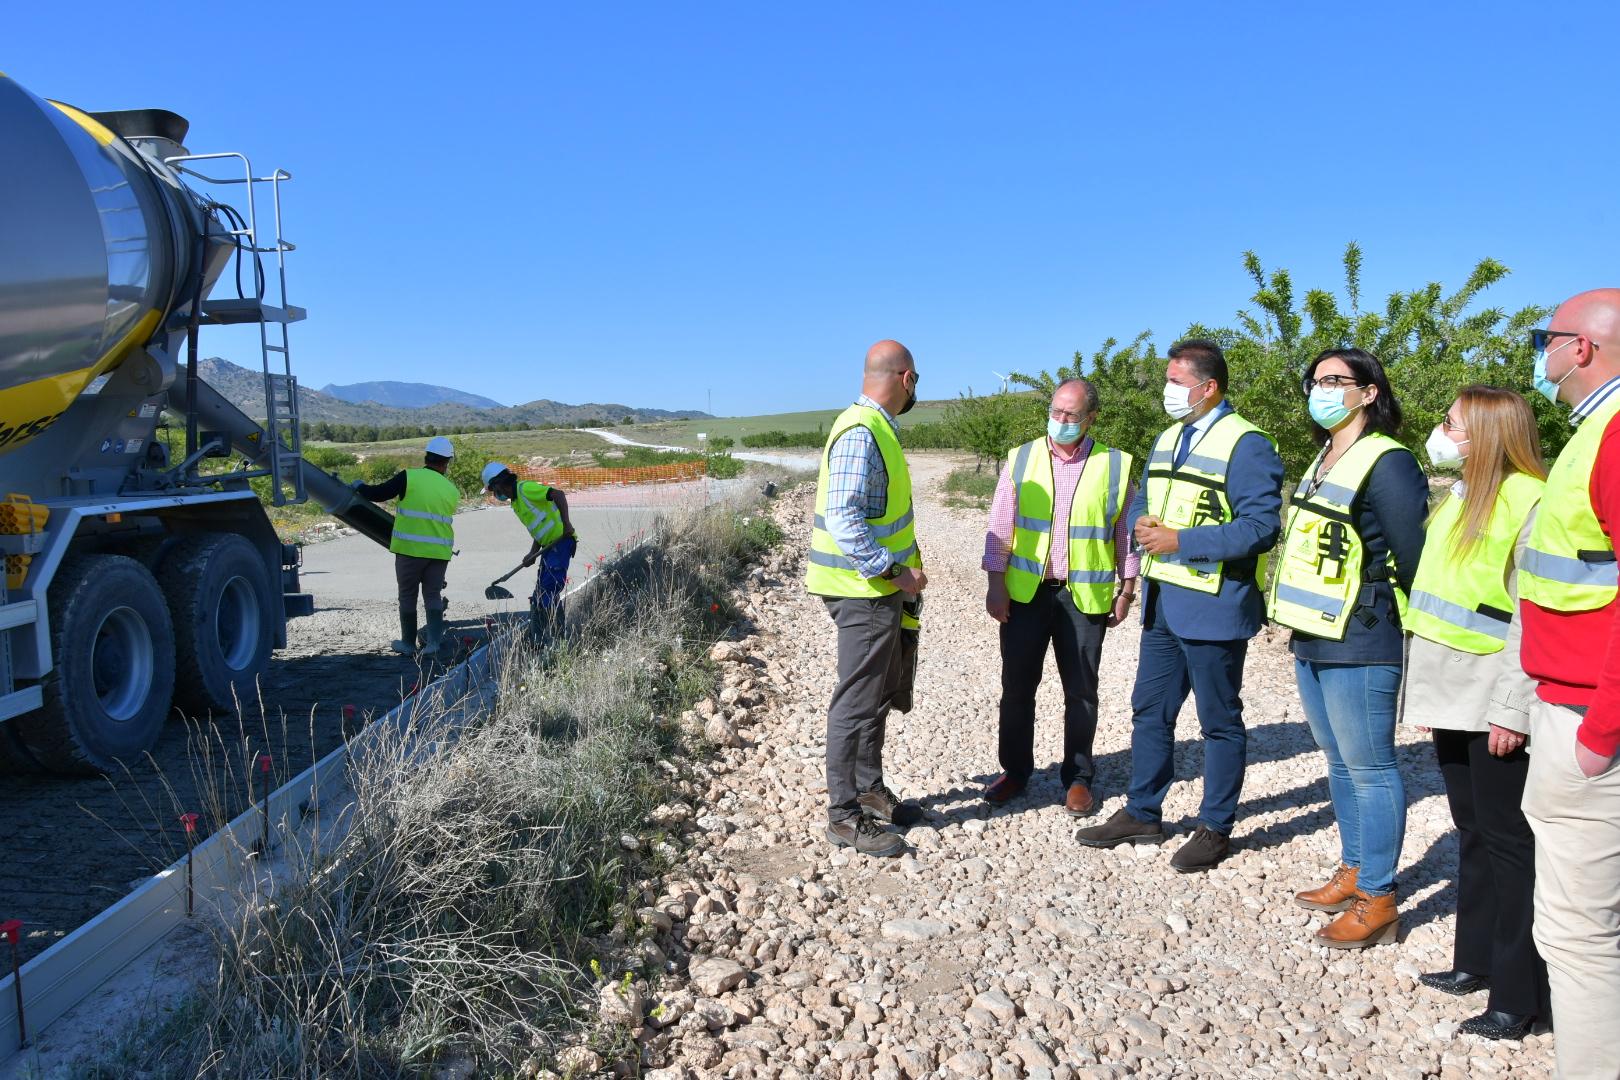 La Junta acondiciona la vía pecuaria del Camino Real de Lorca en Baza como infraestructura de uso público